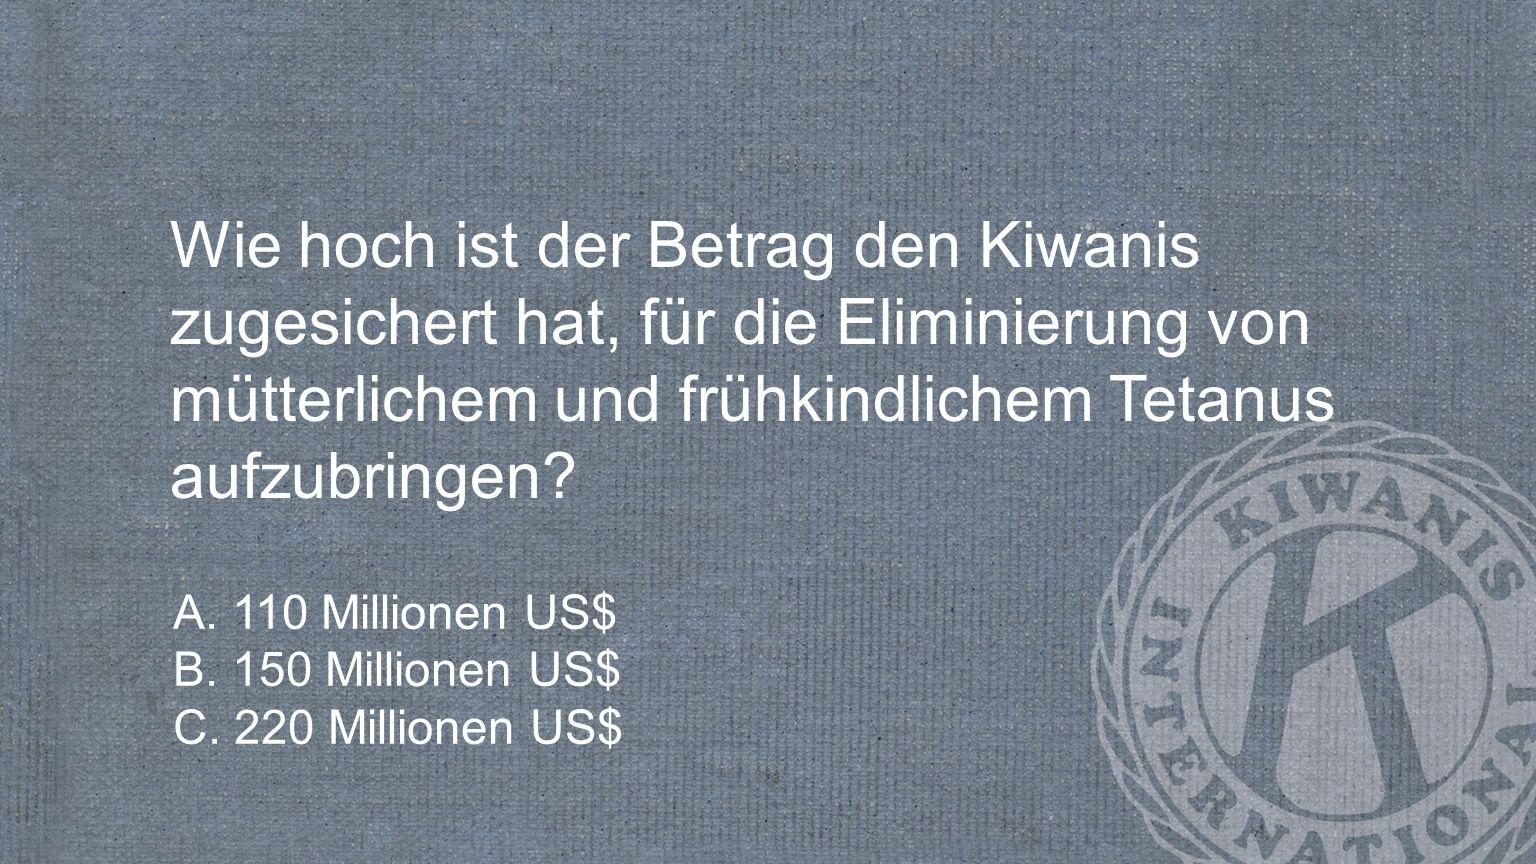 Wie hoch ist der Betrag den Kiwanis zugesichert hat, für die Eliminierung von mütterlichem und frühkindlichem Tetanus aufzubringen? A. 110 Millionen U